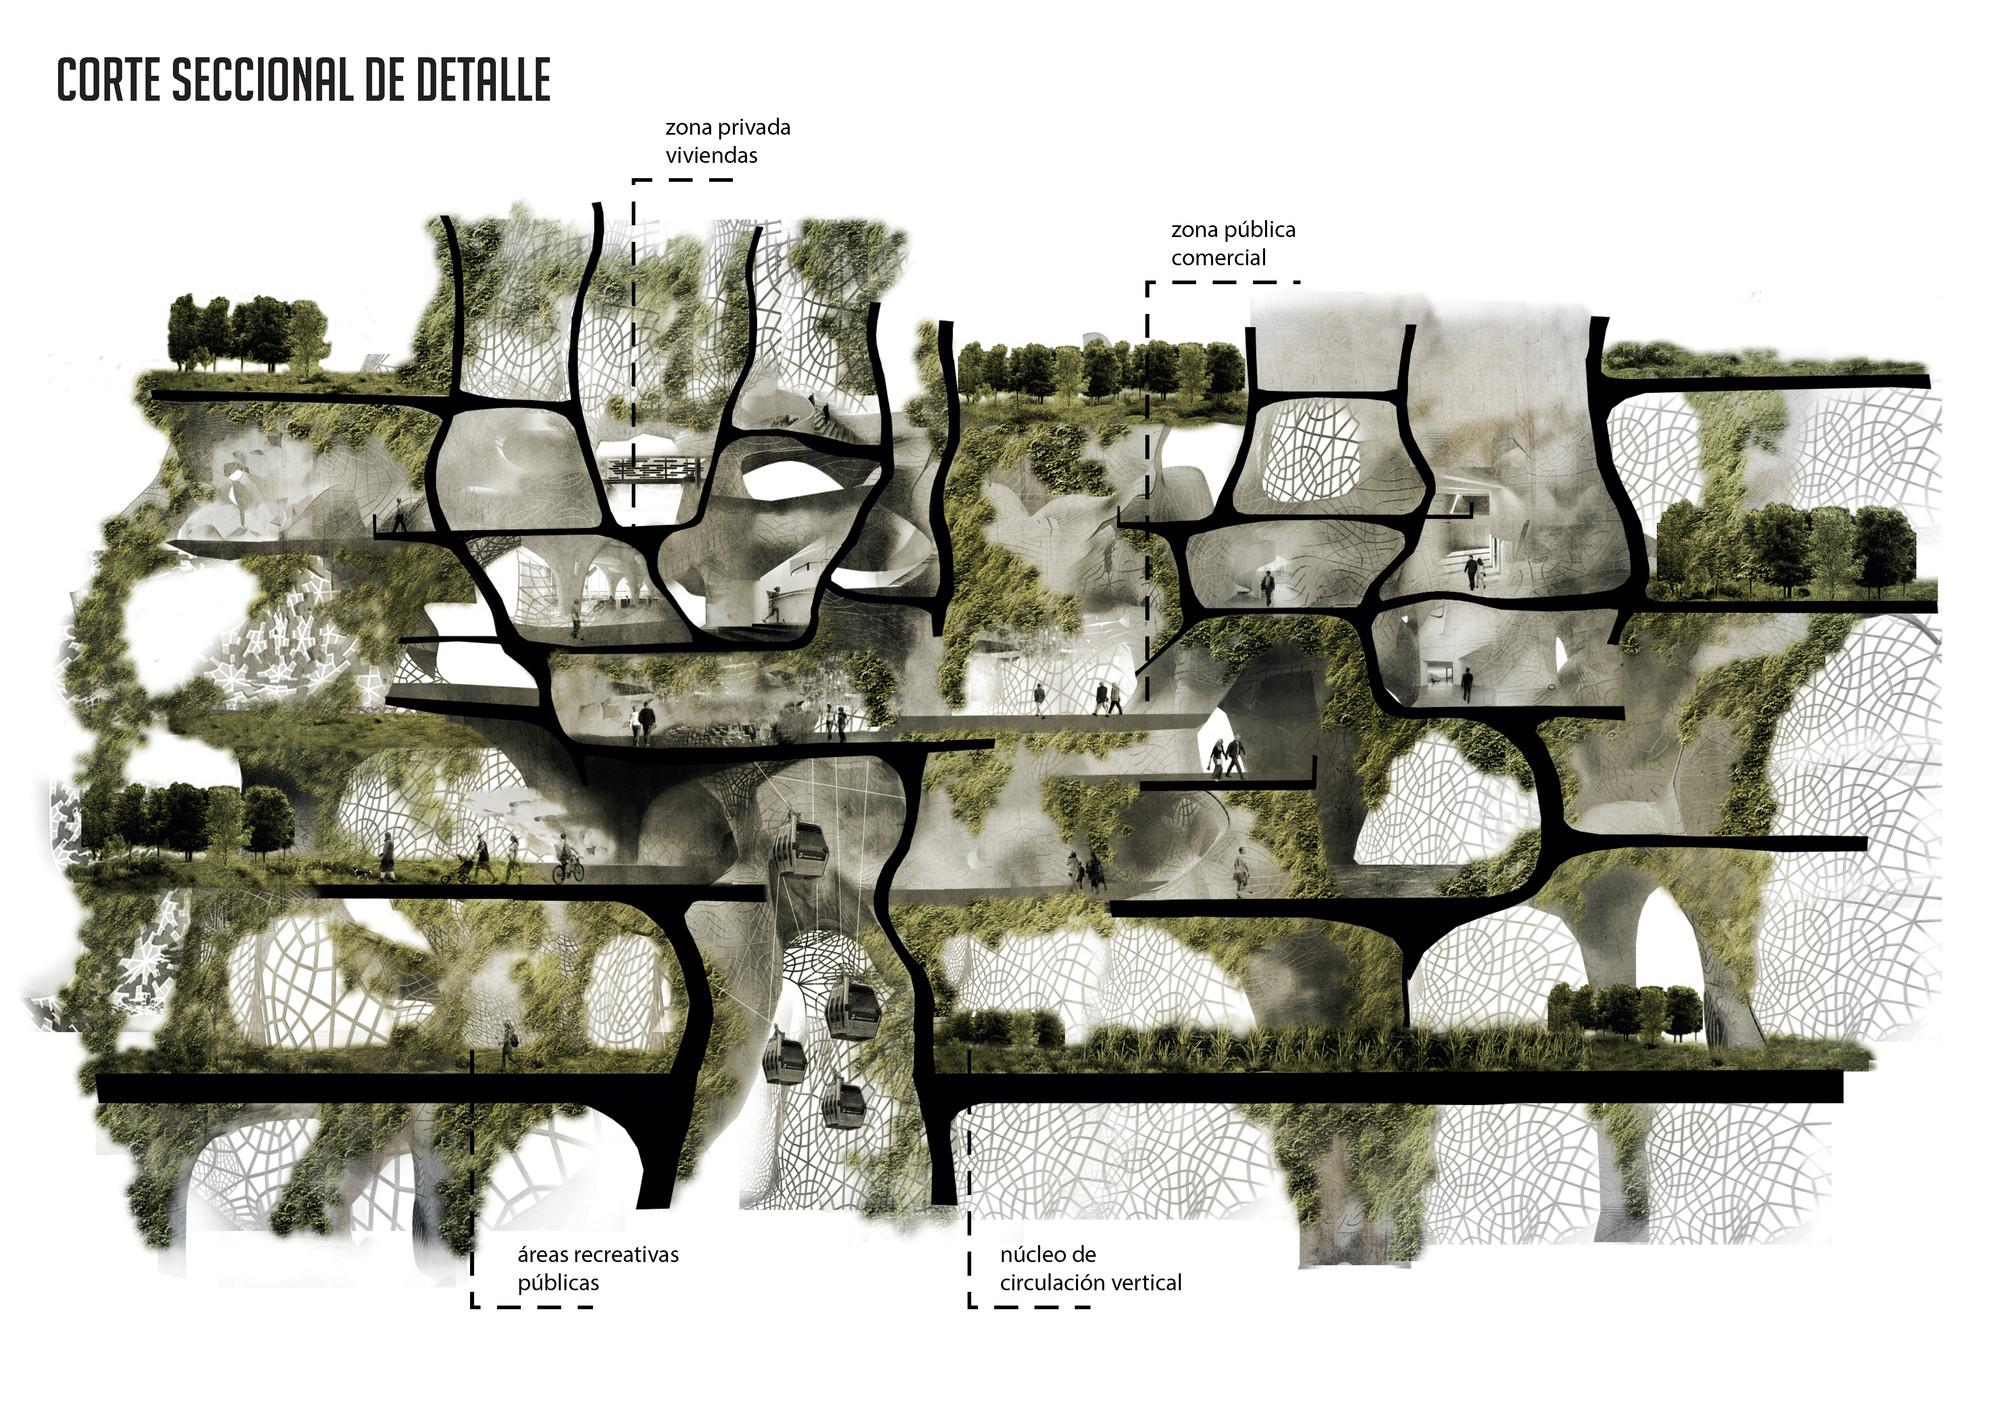 Corte seccional. Image Courtesy of Javiera Sepúlveda y Diego Espinosa